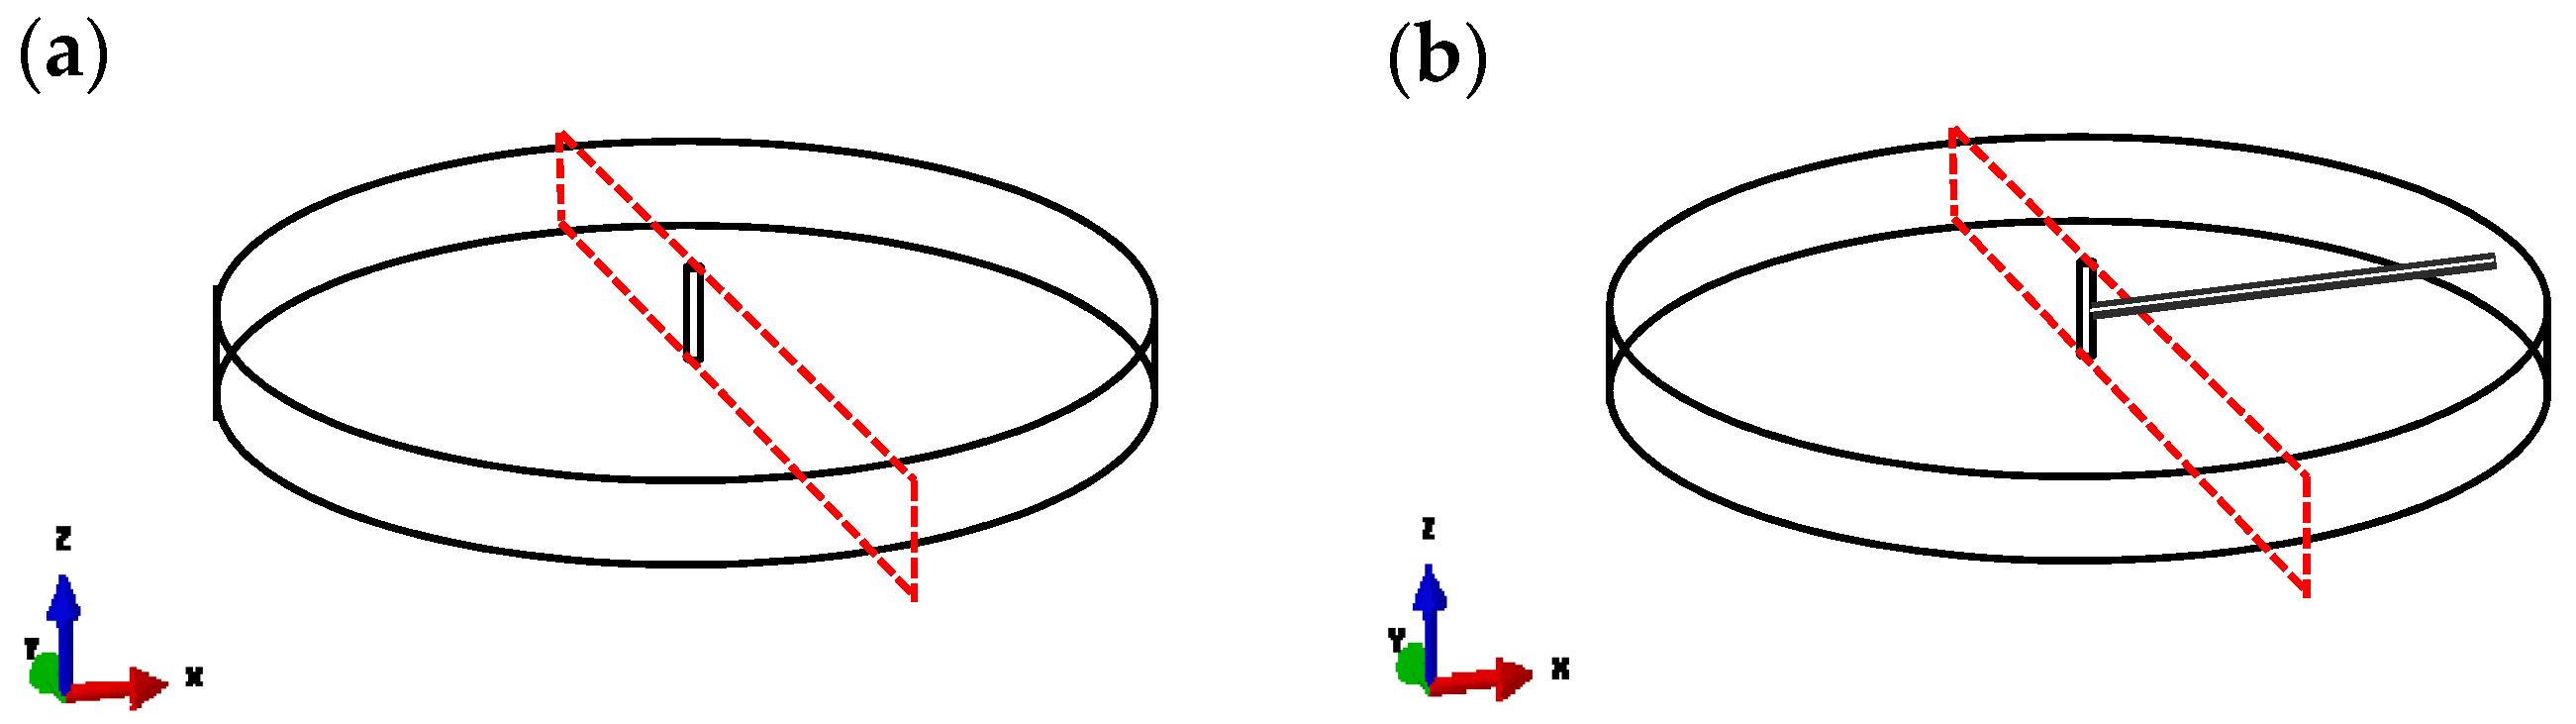 wiring diagram jackson   22 wiring diagram images